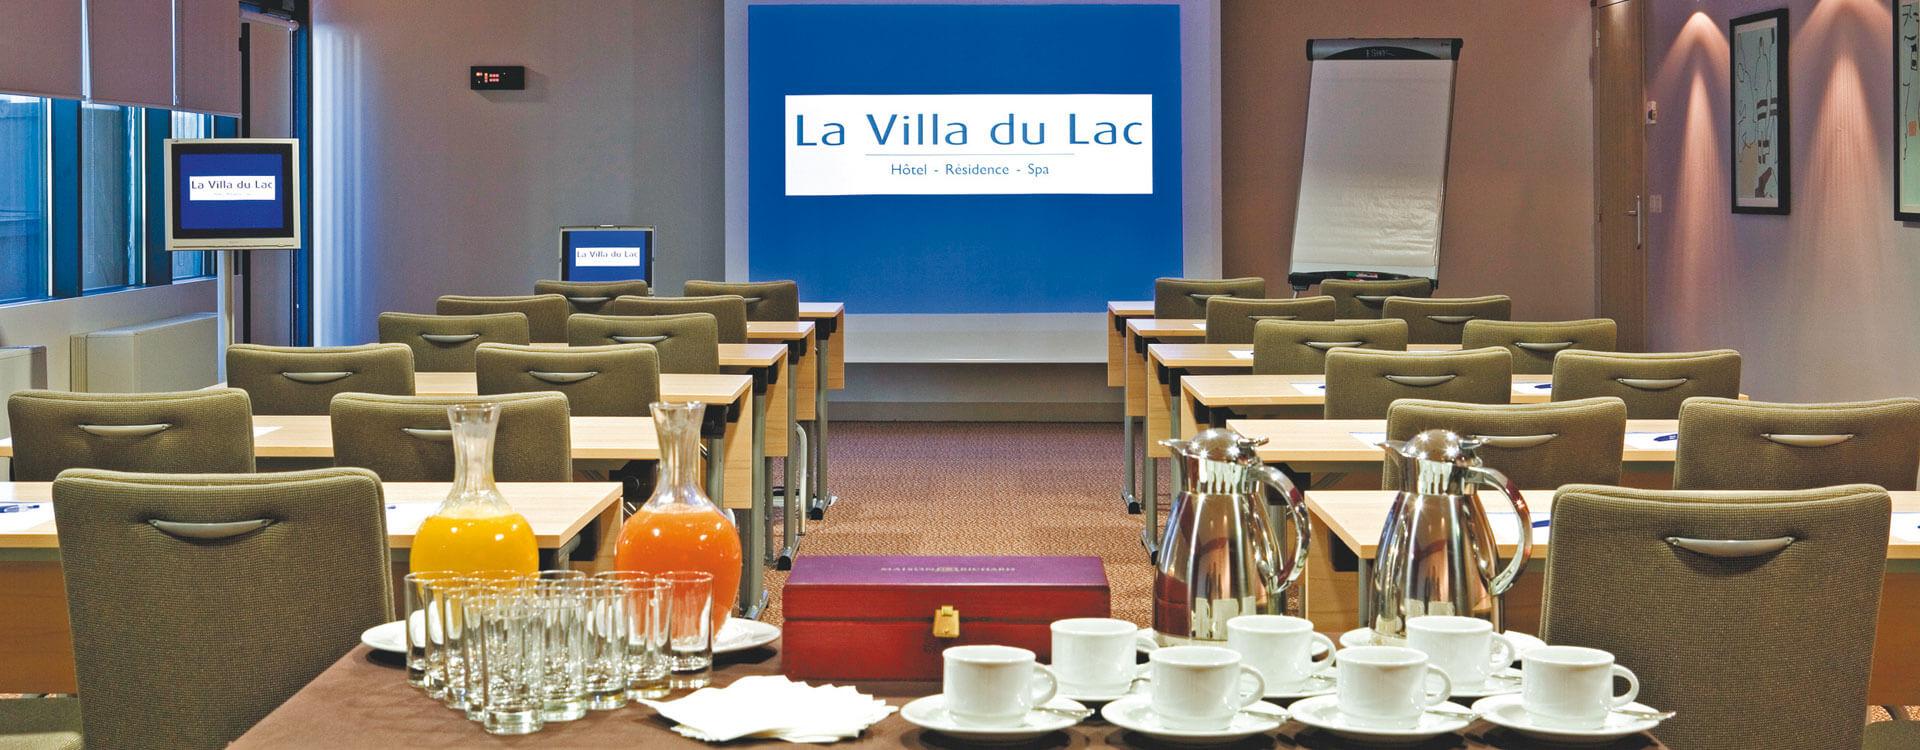 Salles de réunion - Hôtel et résidence La Villa du Lac à Divonne